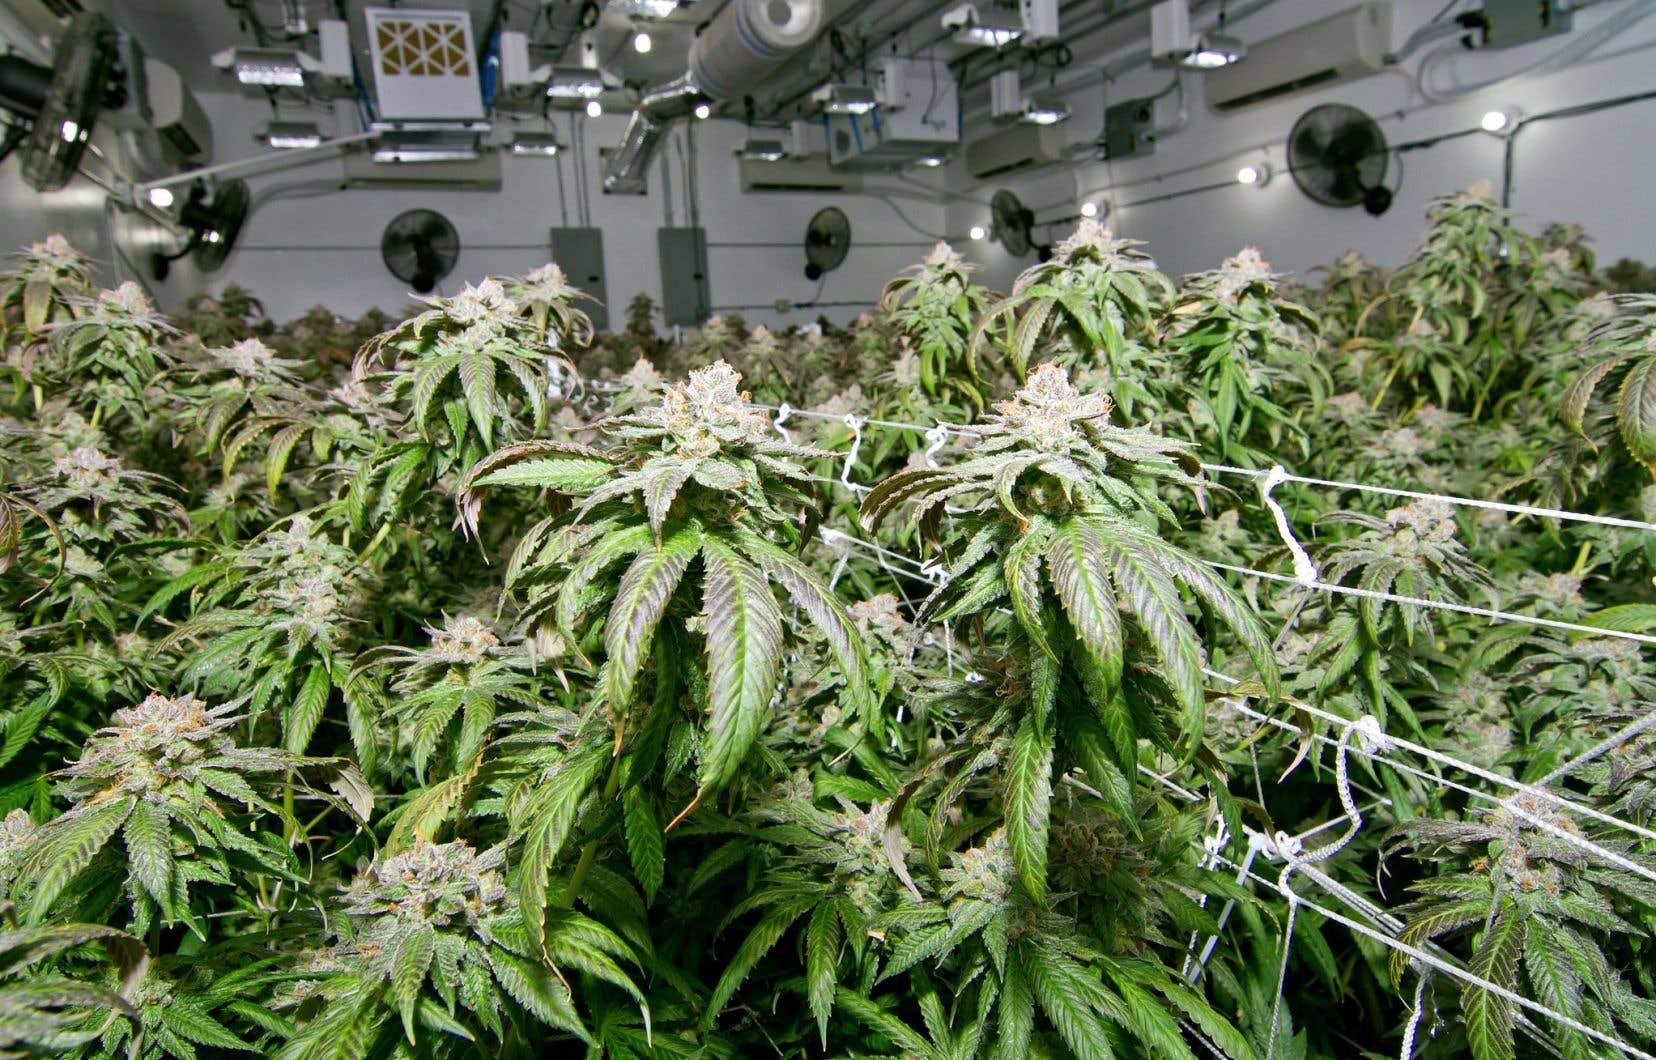 Des groupes qui défileront devant la commission parlementaire étudiant le projet de loi sur le cannabis plaideront pour le maintien à 18ans de l'âge légal pour posséder ou consommer de la marijuana. Les municipalités tenteront pour leur part de défendre leurs pouvoirs en réclamant le retrait de l'article interdisant à quiconque de fumer du cannabis dans l'espace public.